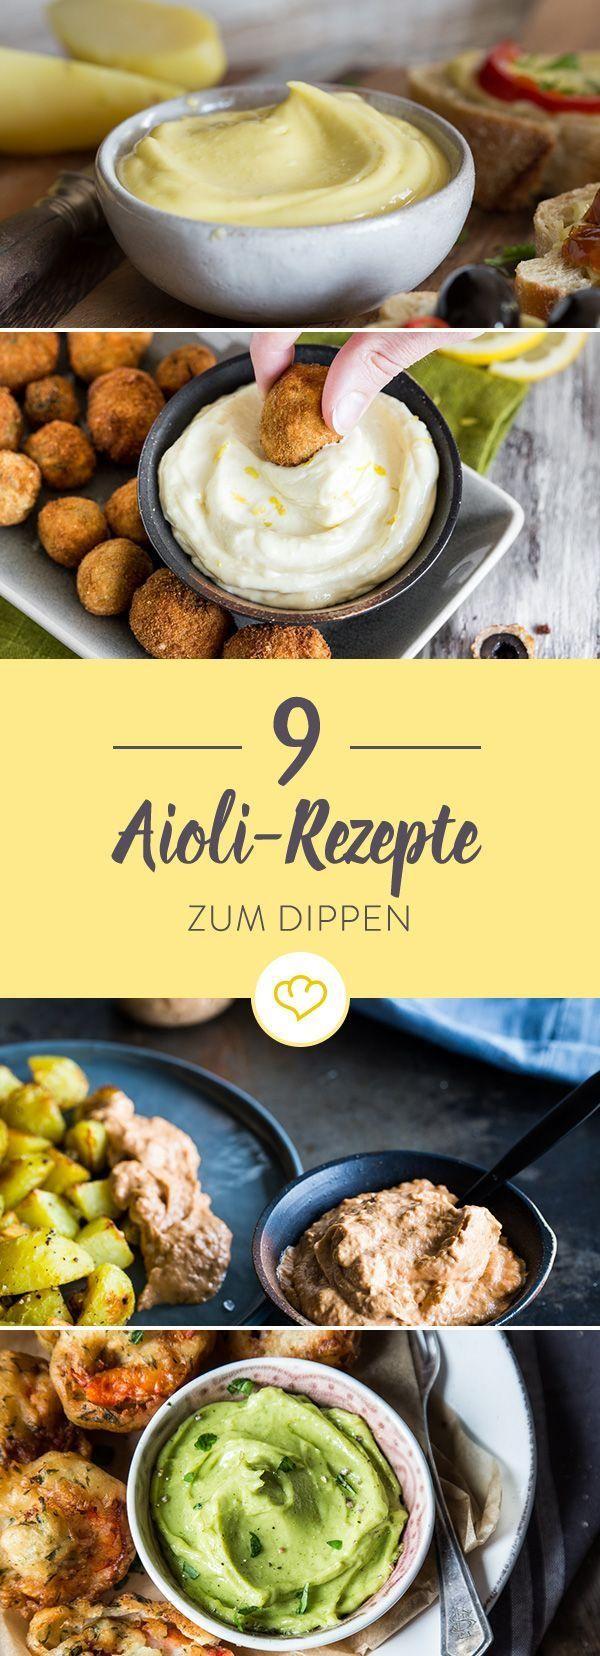 Zum Tauchen verführt: 9 cremige Aioli-Rezepte   - Dip, Dip - Hurra! - Dips, Saucen, Salsa -